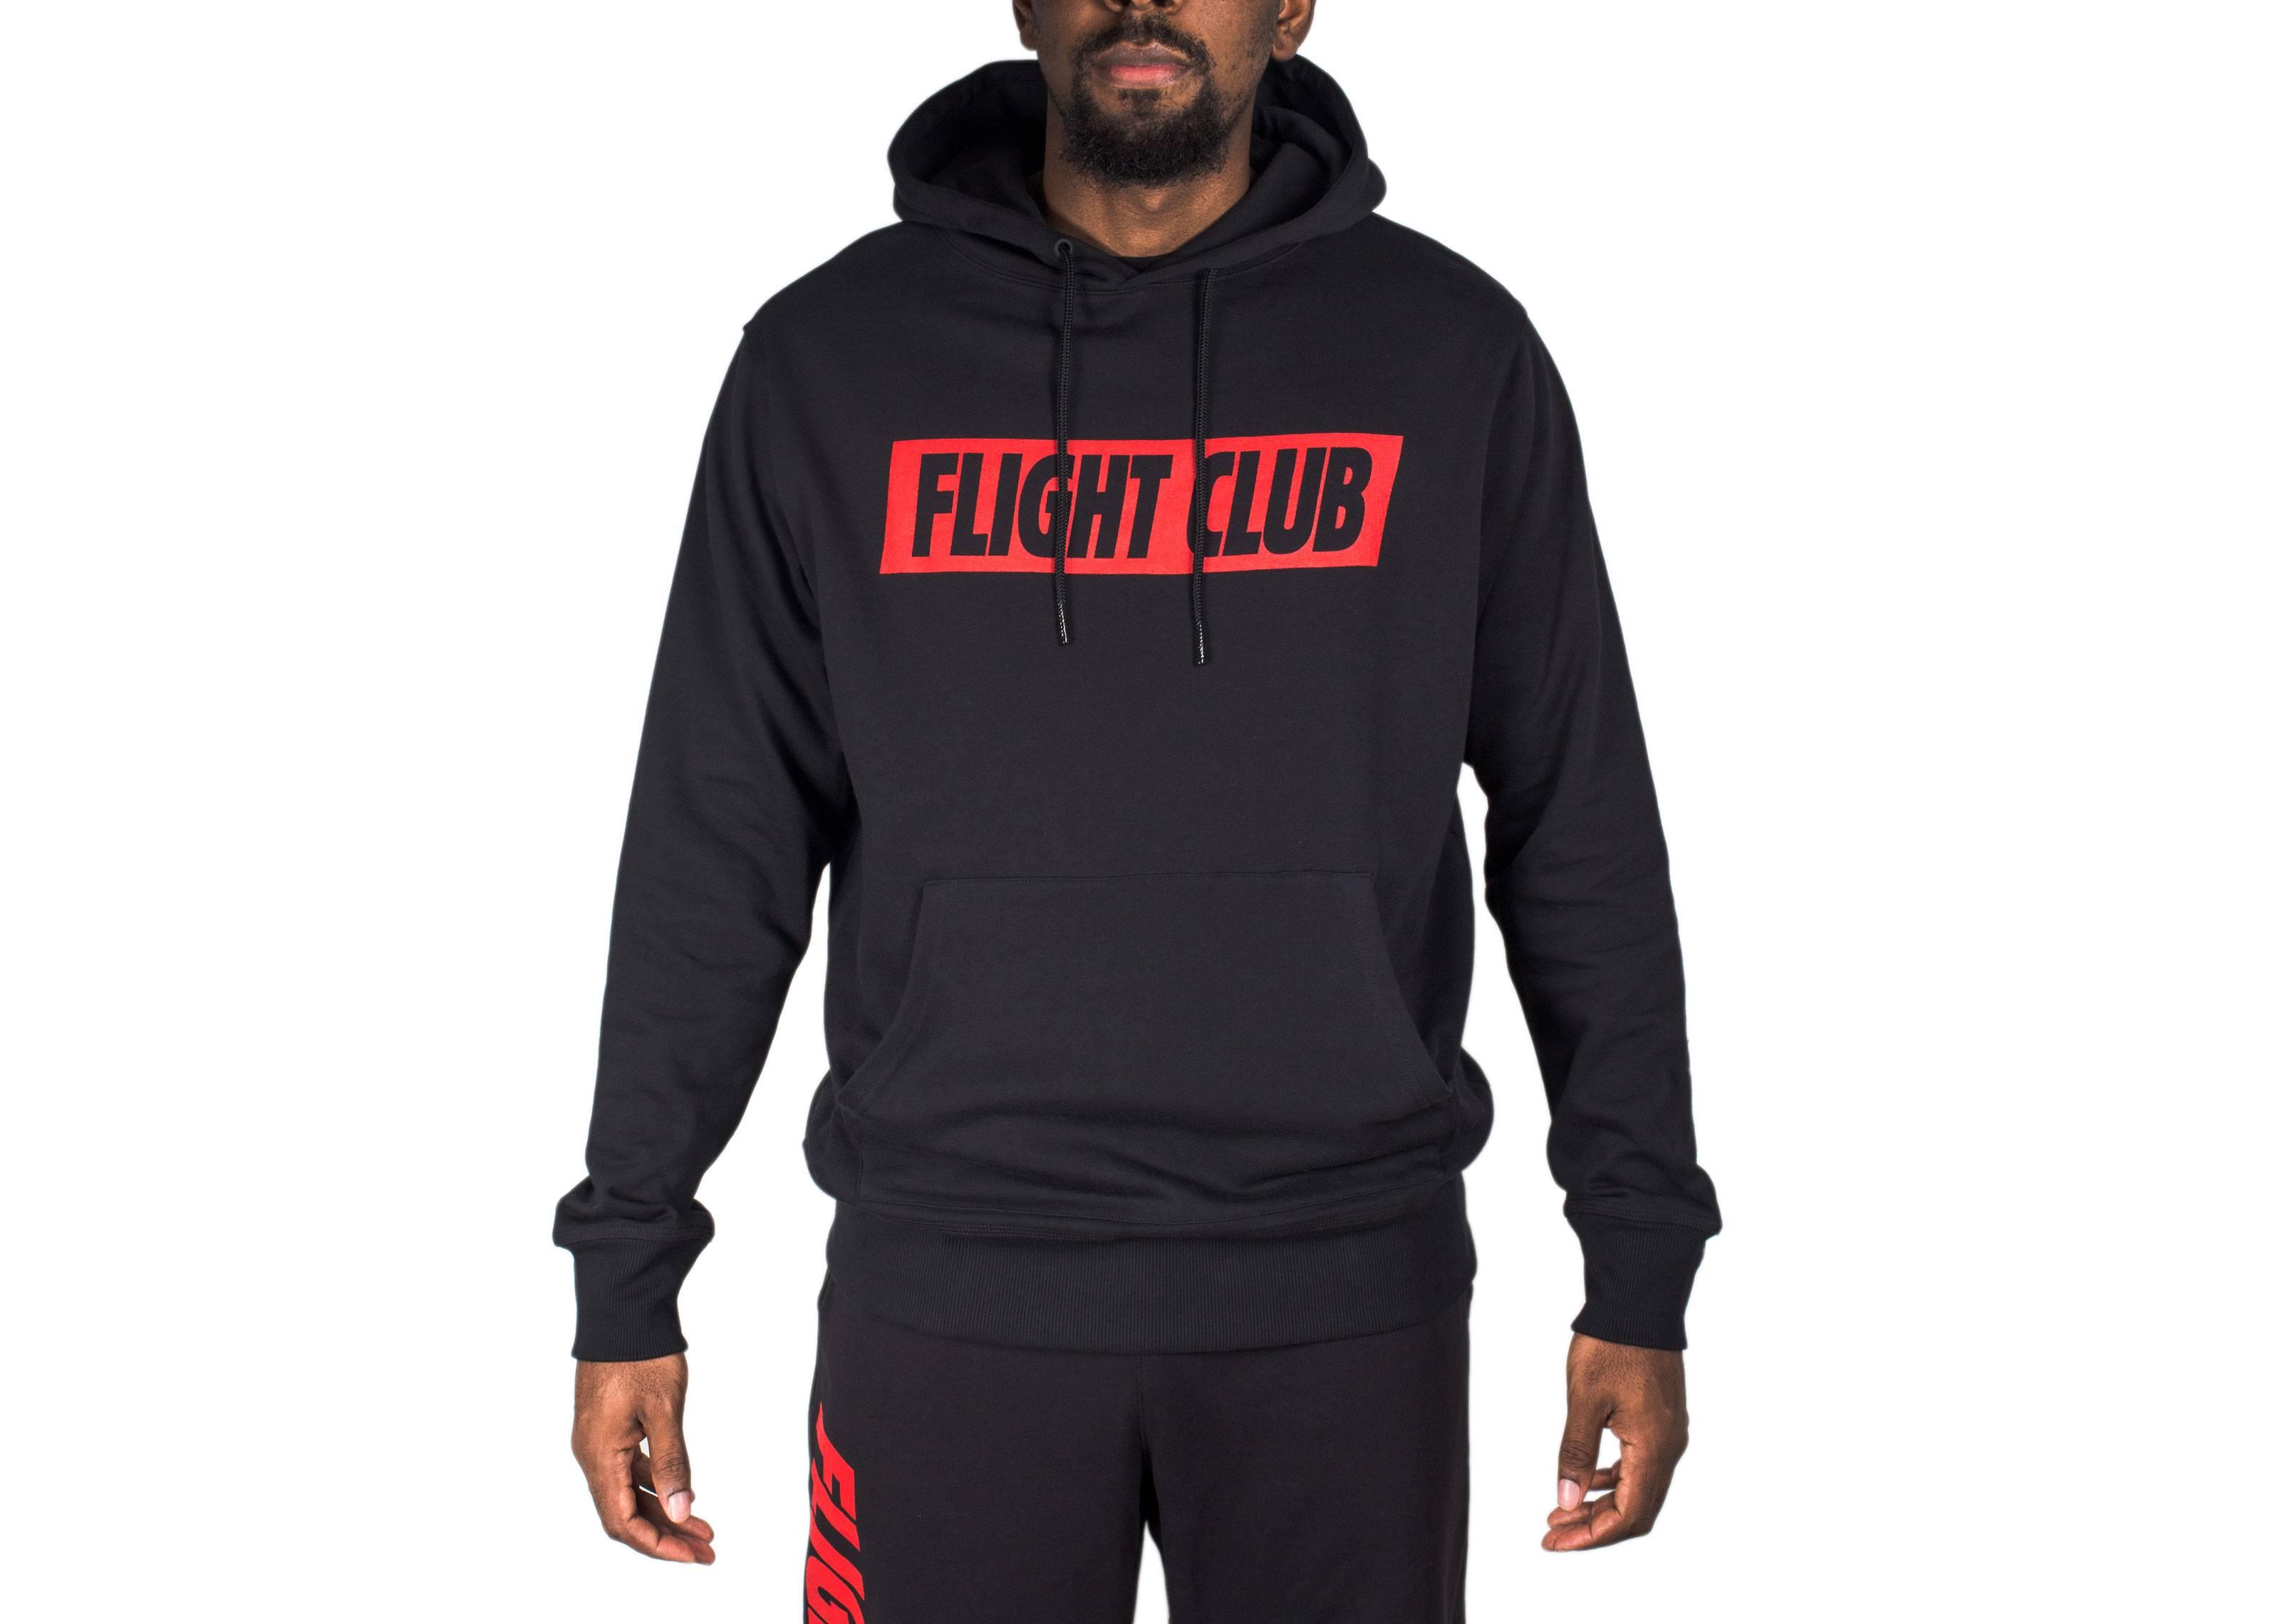 55ae73d2843 Foundation Hoody - Flight Club - FCSW01 17 3 - black fc red